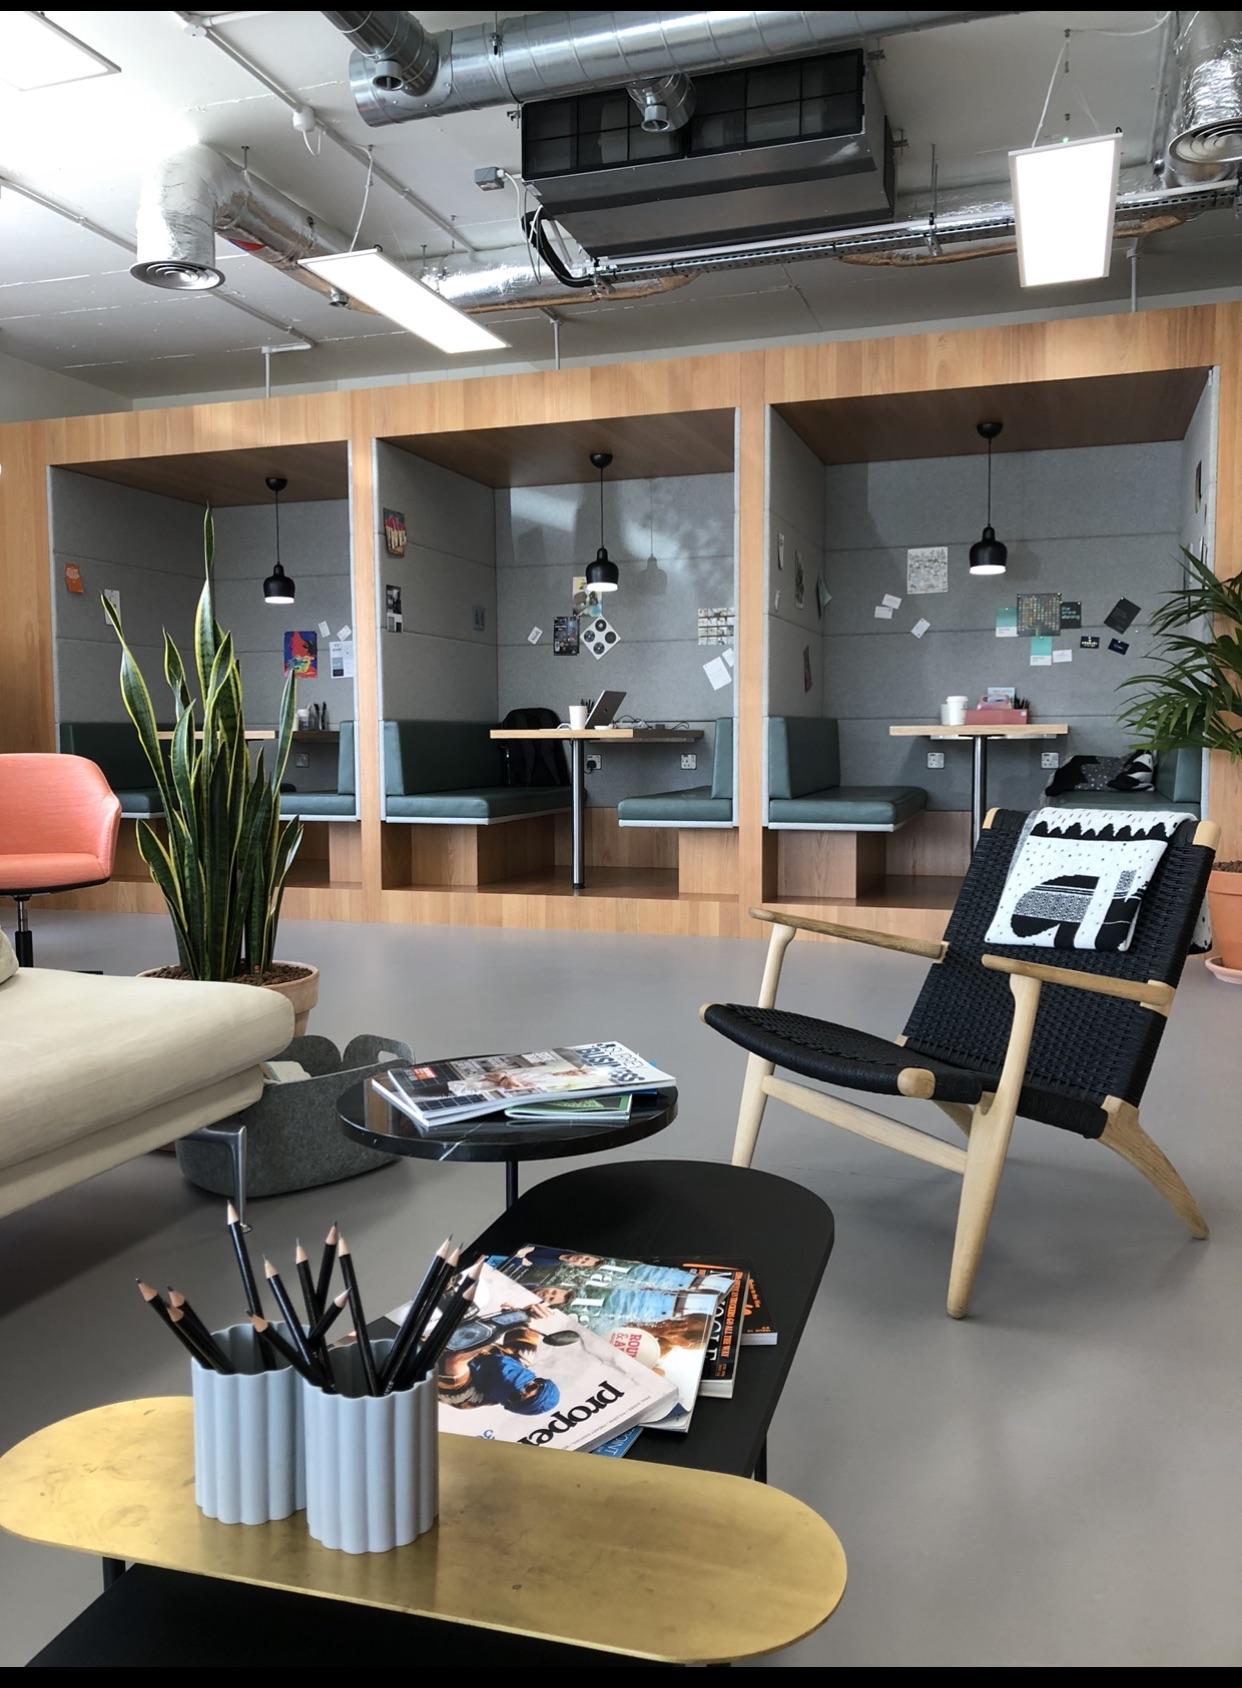 Digital Marketing Agency London Office Empty